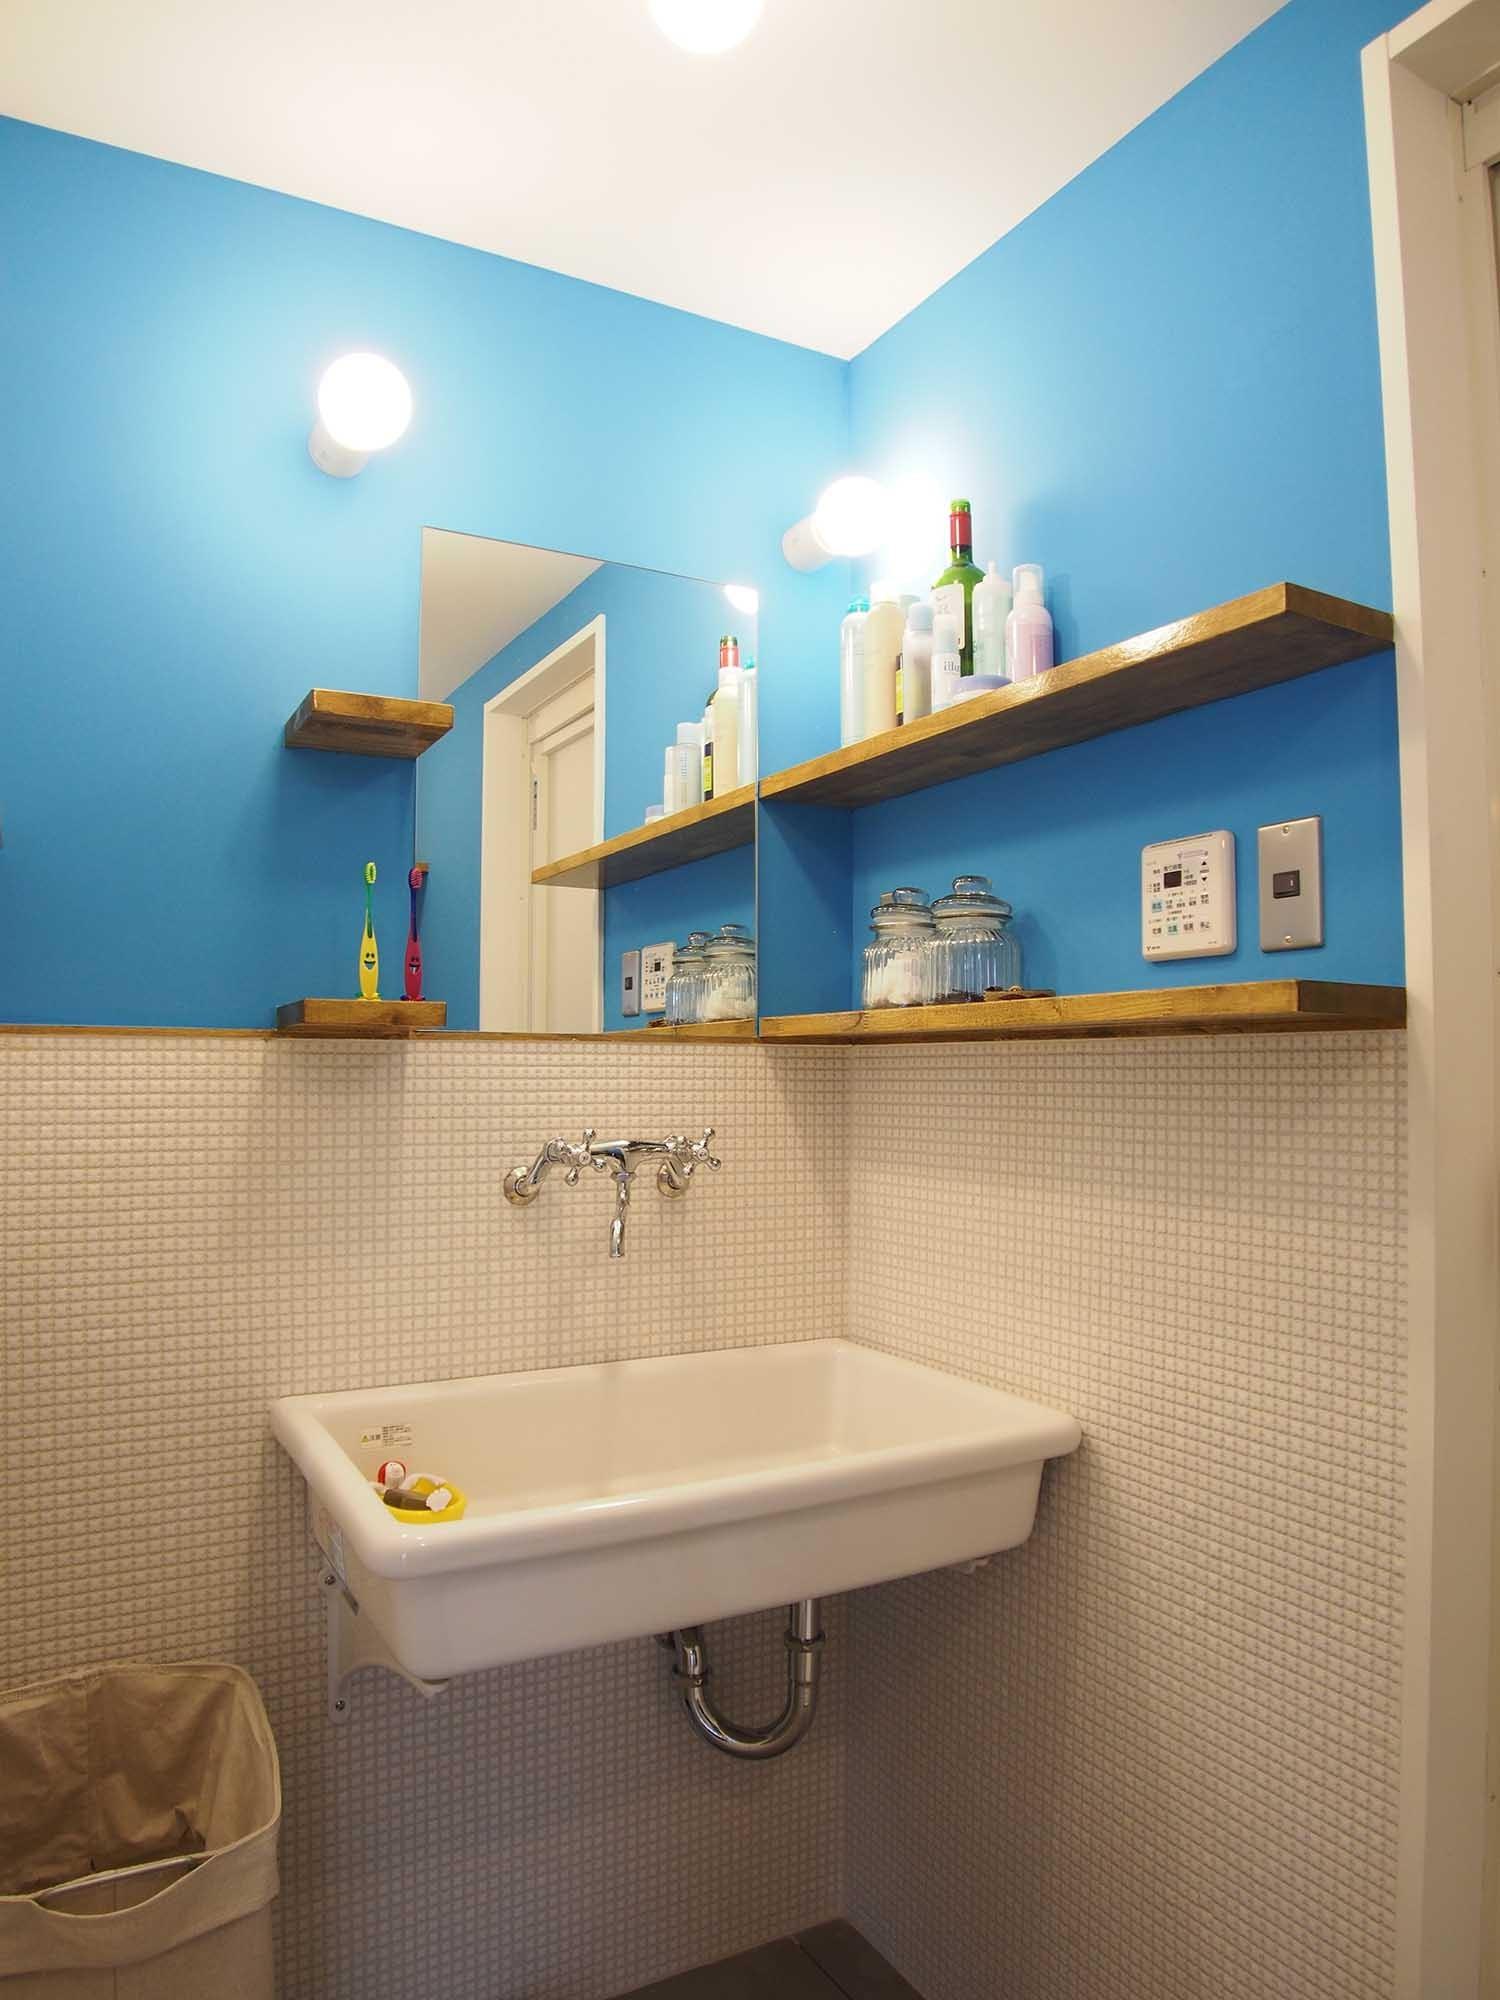 バス/トイレ事例:洗面(キニナルキ~絶対広いルーフバルコニー!玄関開けたらクローゼット、海外ドラマのようなお部屋に~)